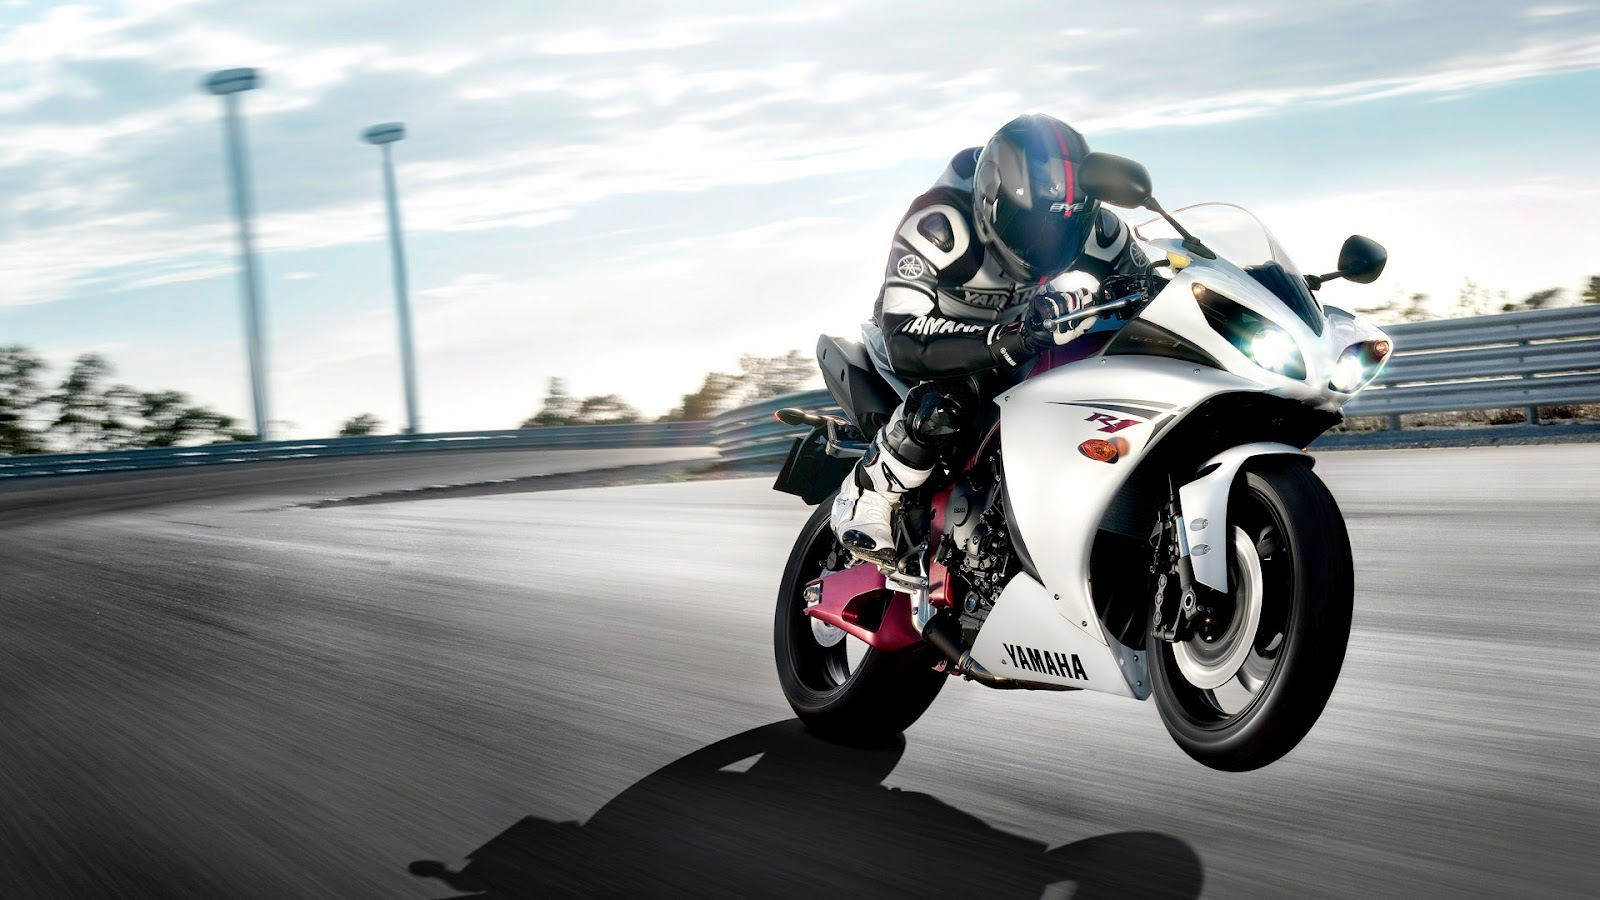 Yamaha Bike Ride